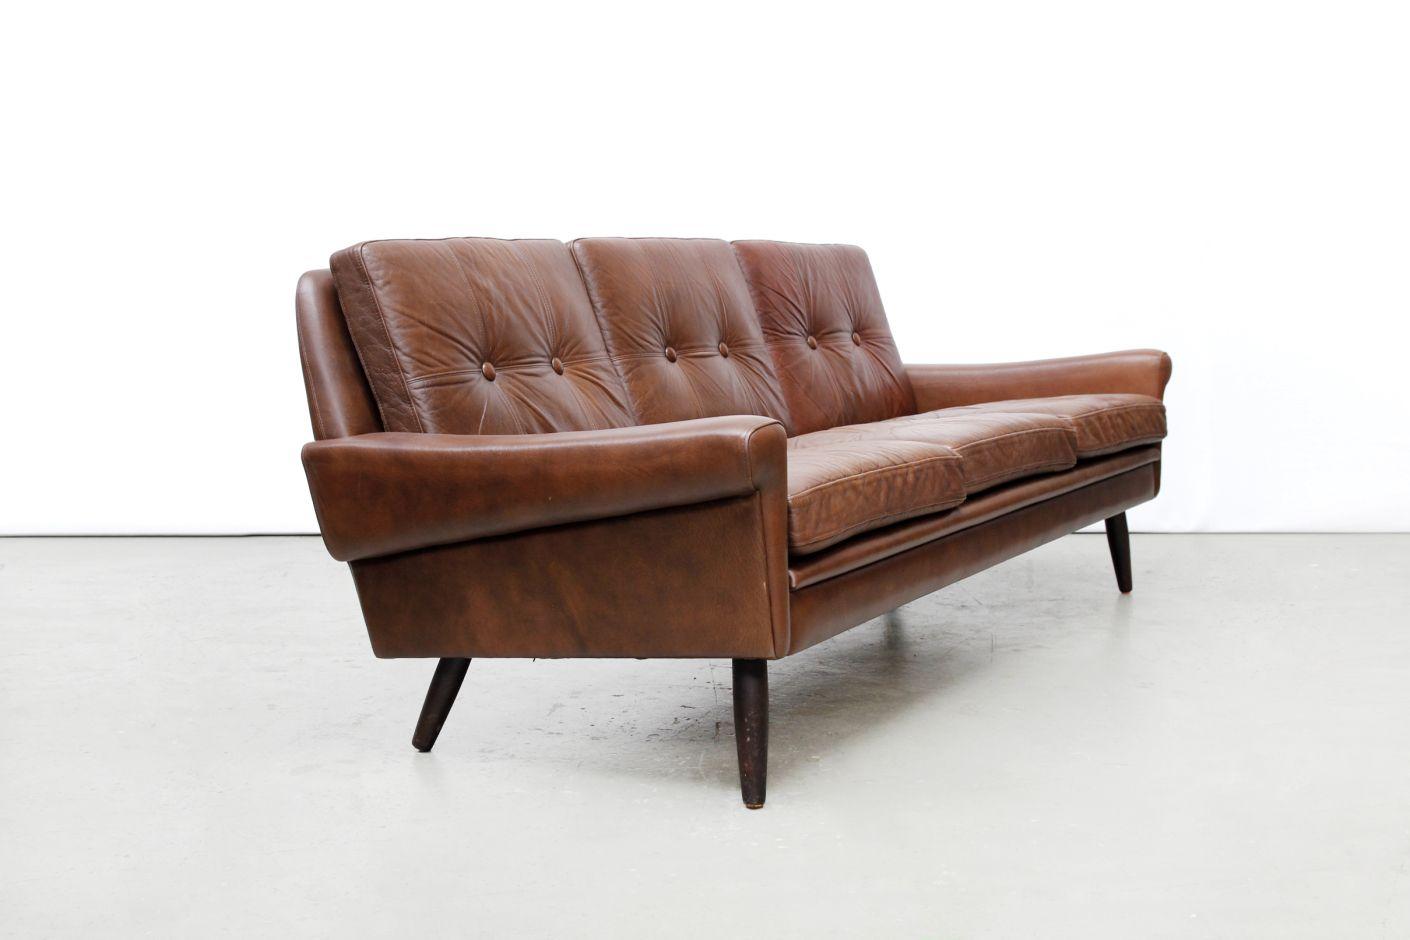 Vintage skippers møbler deens design leren bank zitkamer